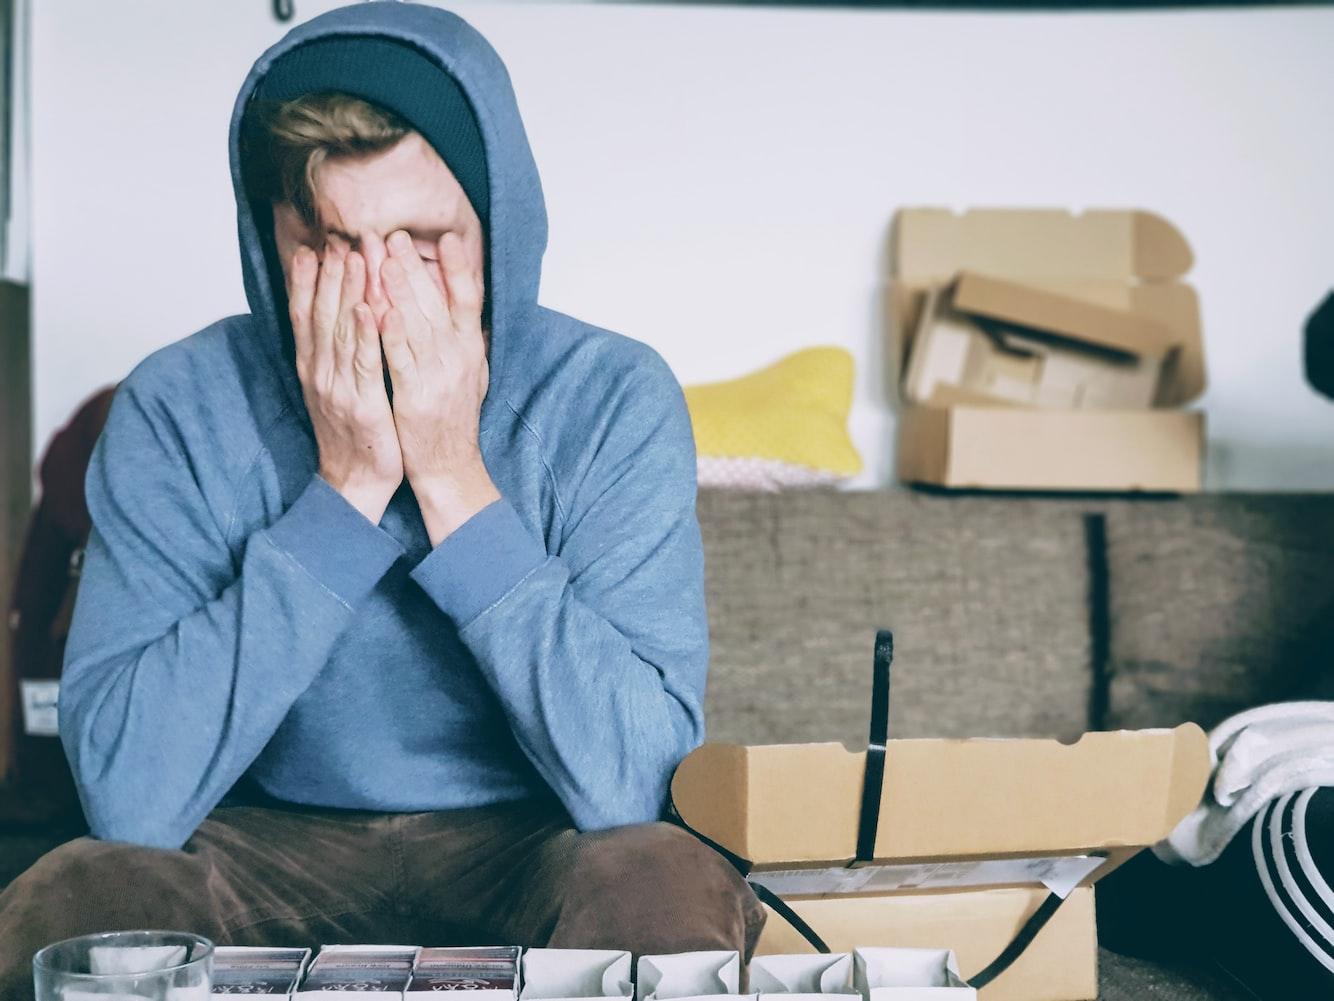 『「就活に疲れた。」メンタルがボロボロな人こそ知ってほしい休む方法』の画像